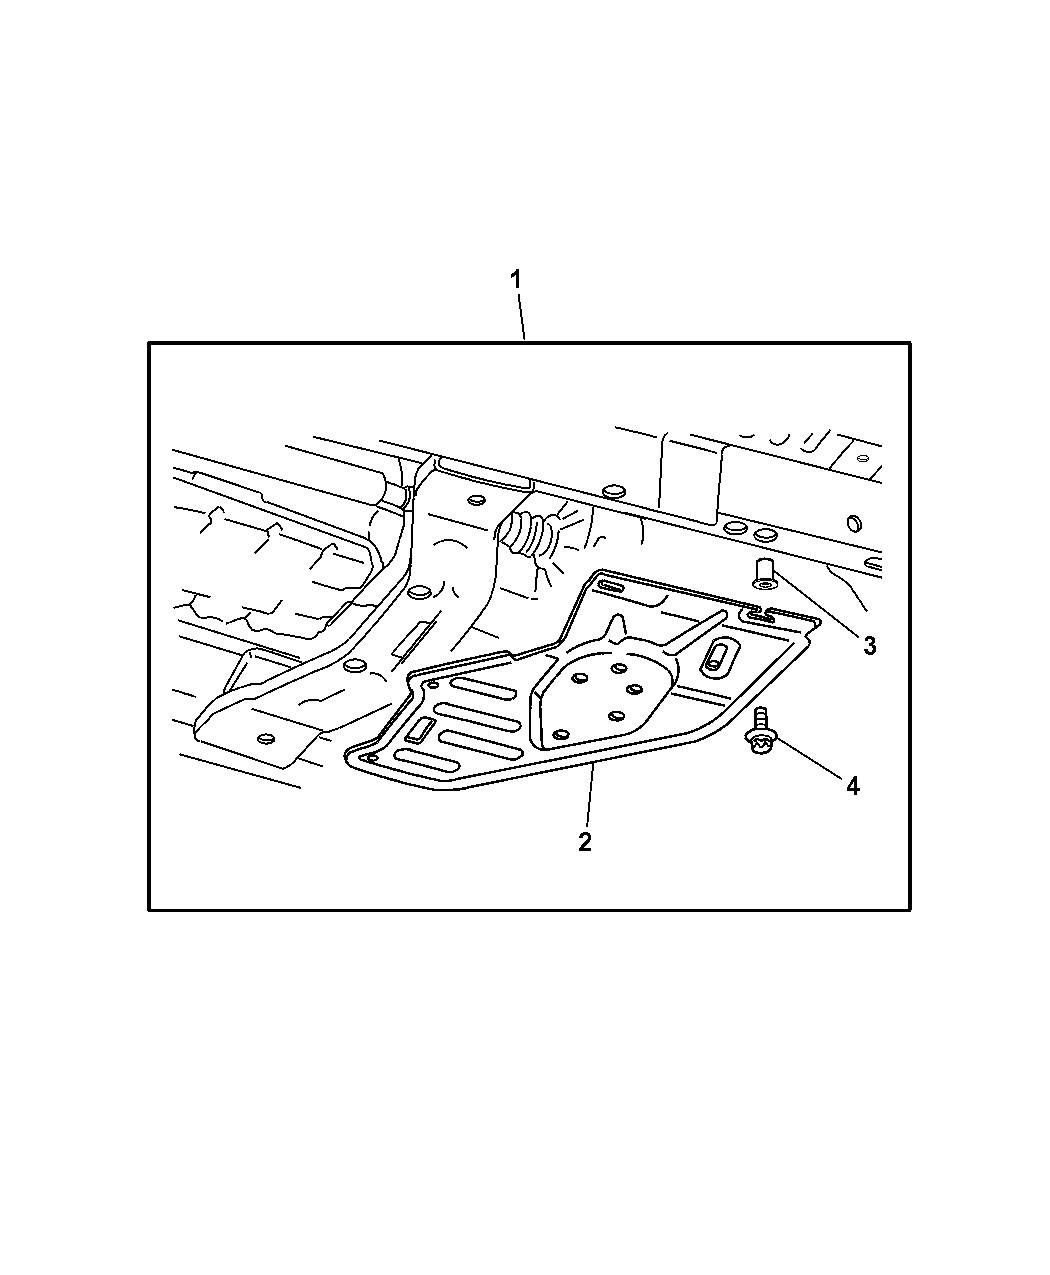 82208421 - Genuine Mopar Plate-skid